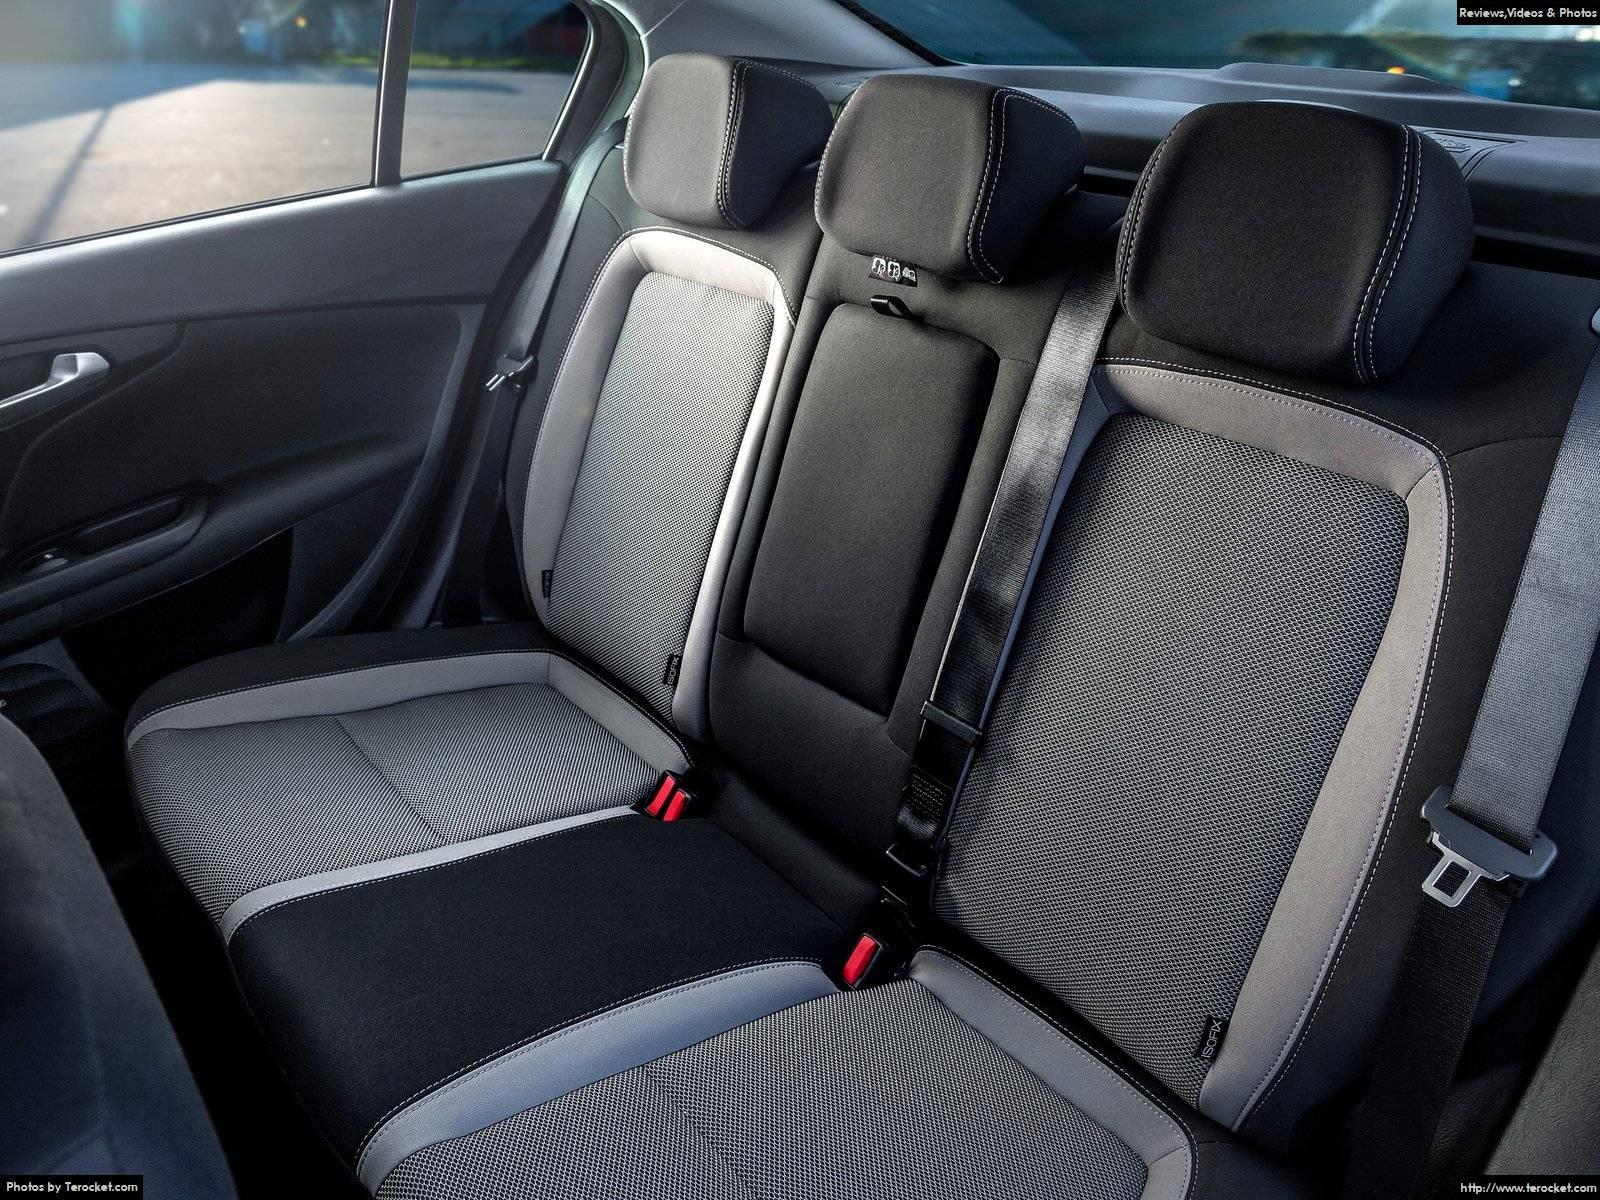 Hình ảnh xe ô tô Fiat Tipo 2016 & nội ngoại thất